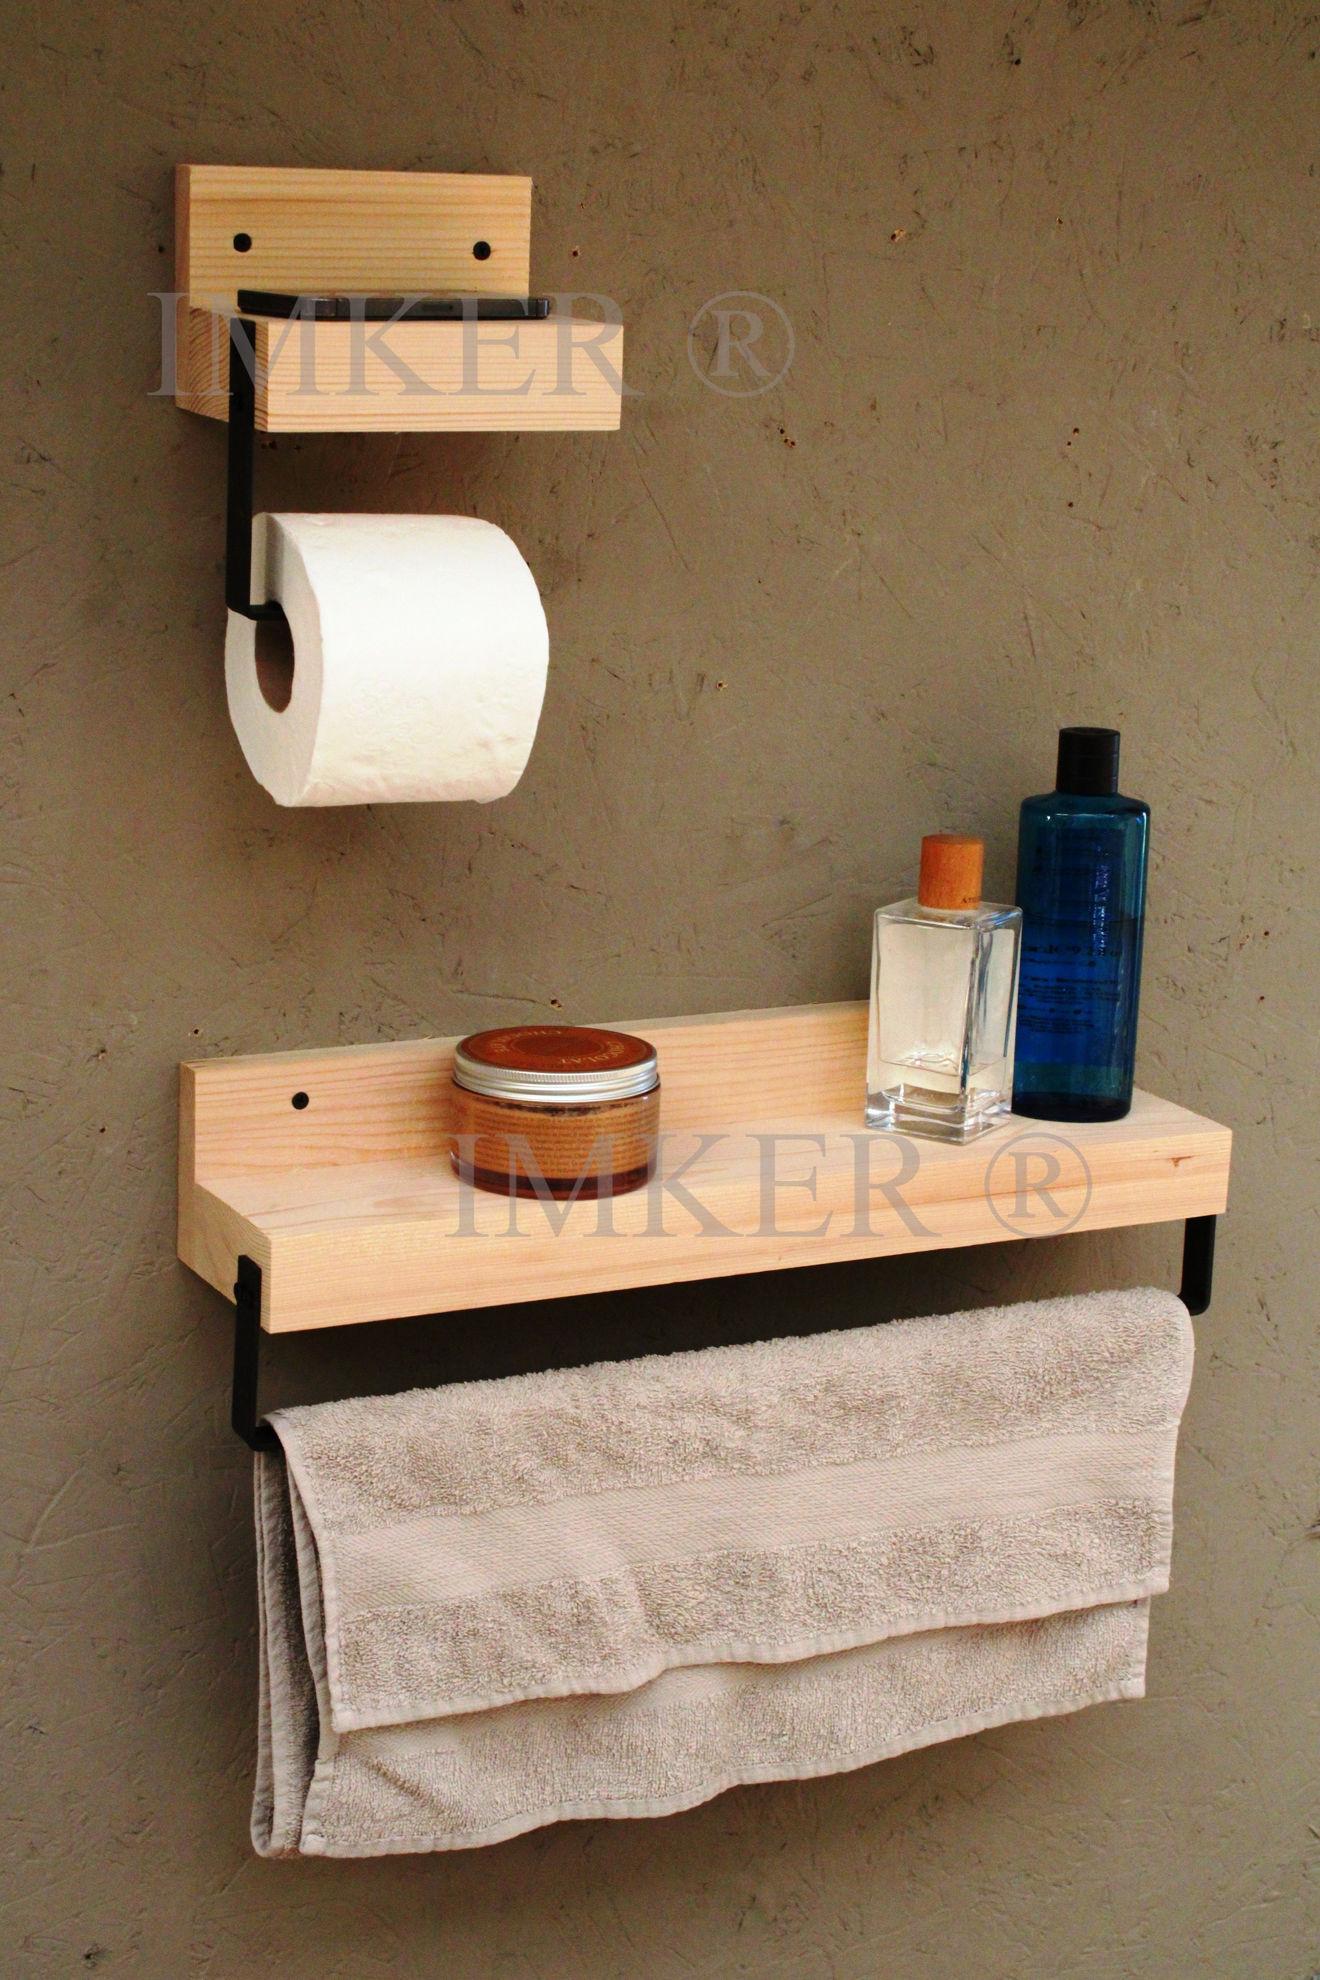 Imker ahşap wc kağıtlık tuvalet kağıtlığı tuvalet kağıdı askısı kağıt havluluk 2li banyo organizer 5334469 resmi